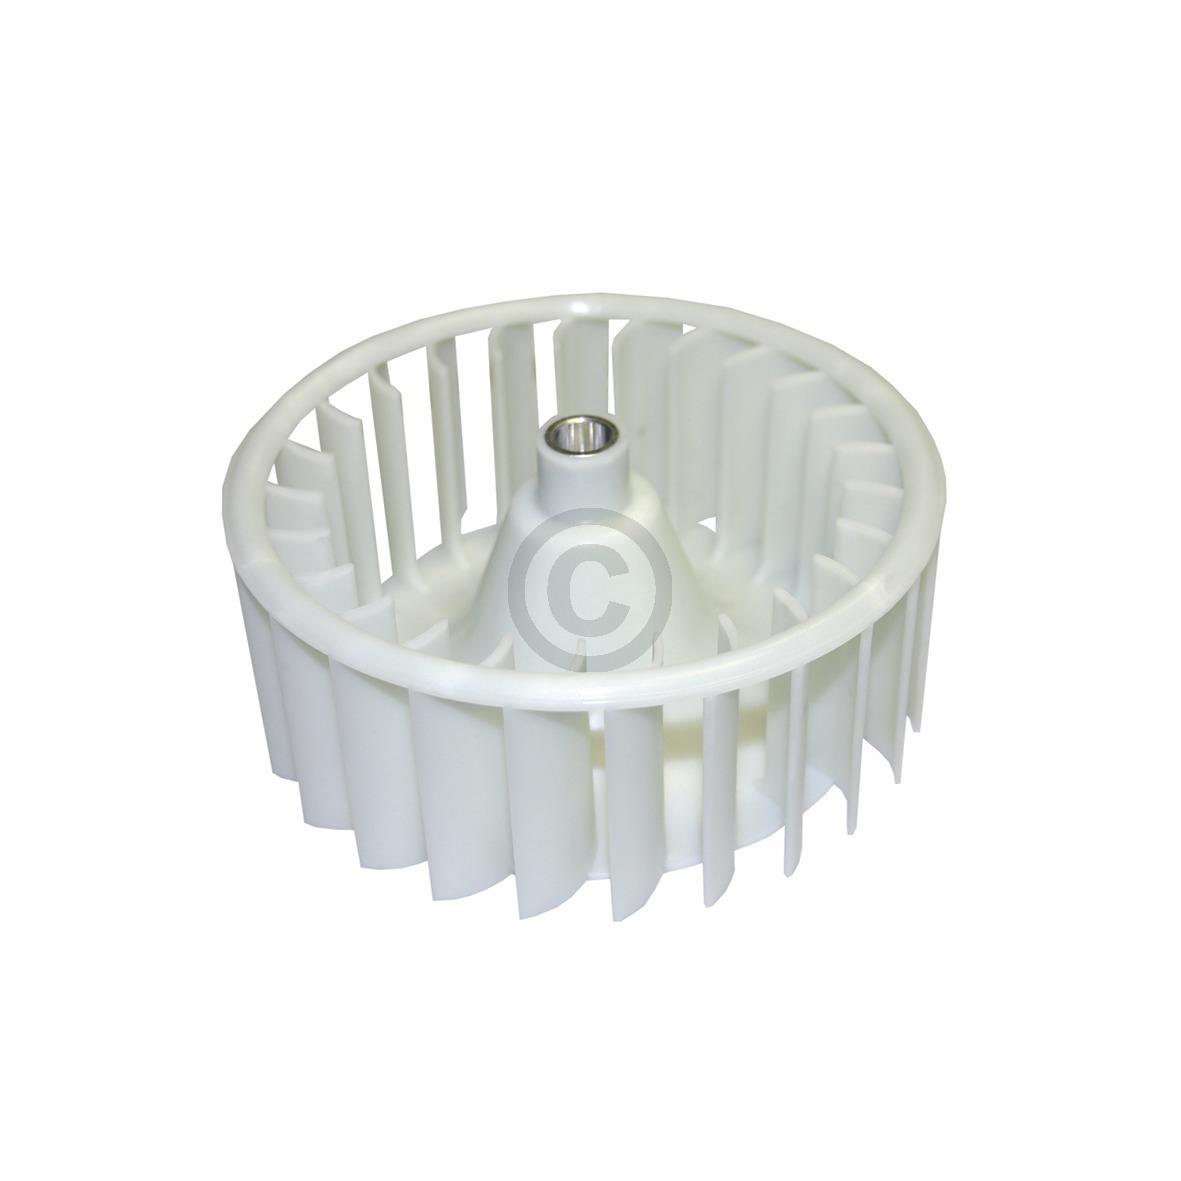 Lüfterrad weiß 00647542 647542 Bosch, Siemens, Neff